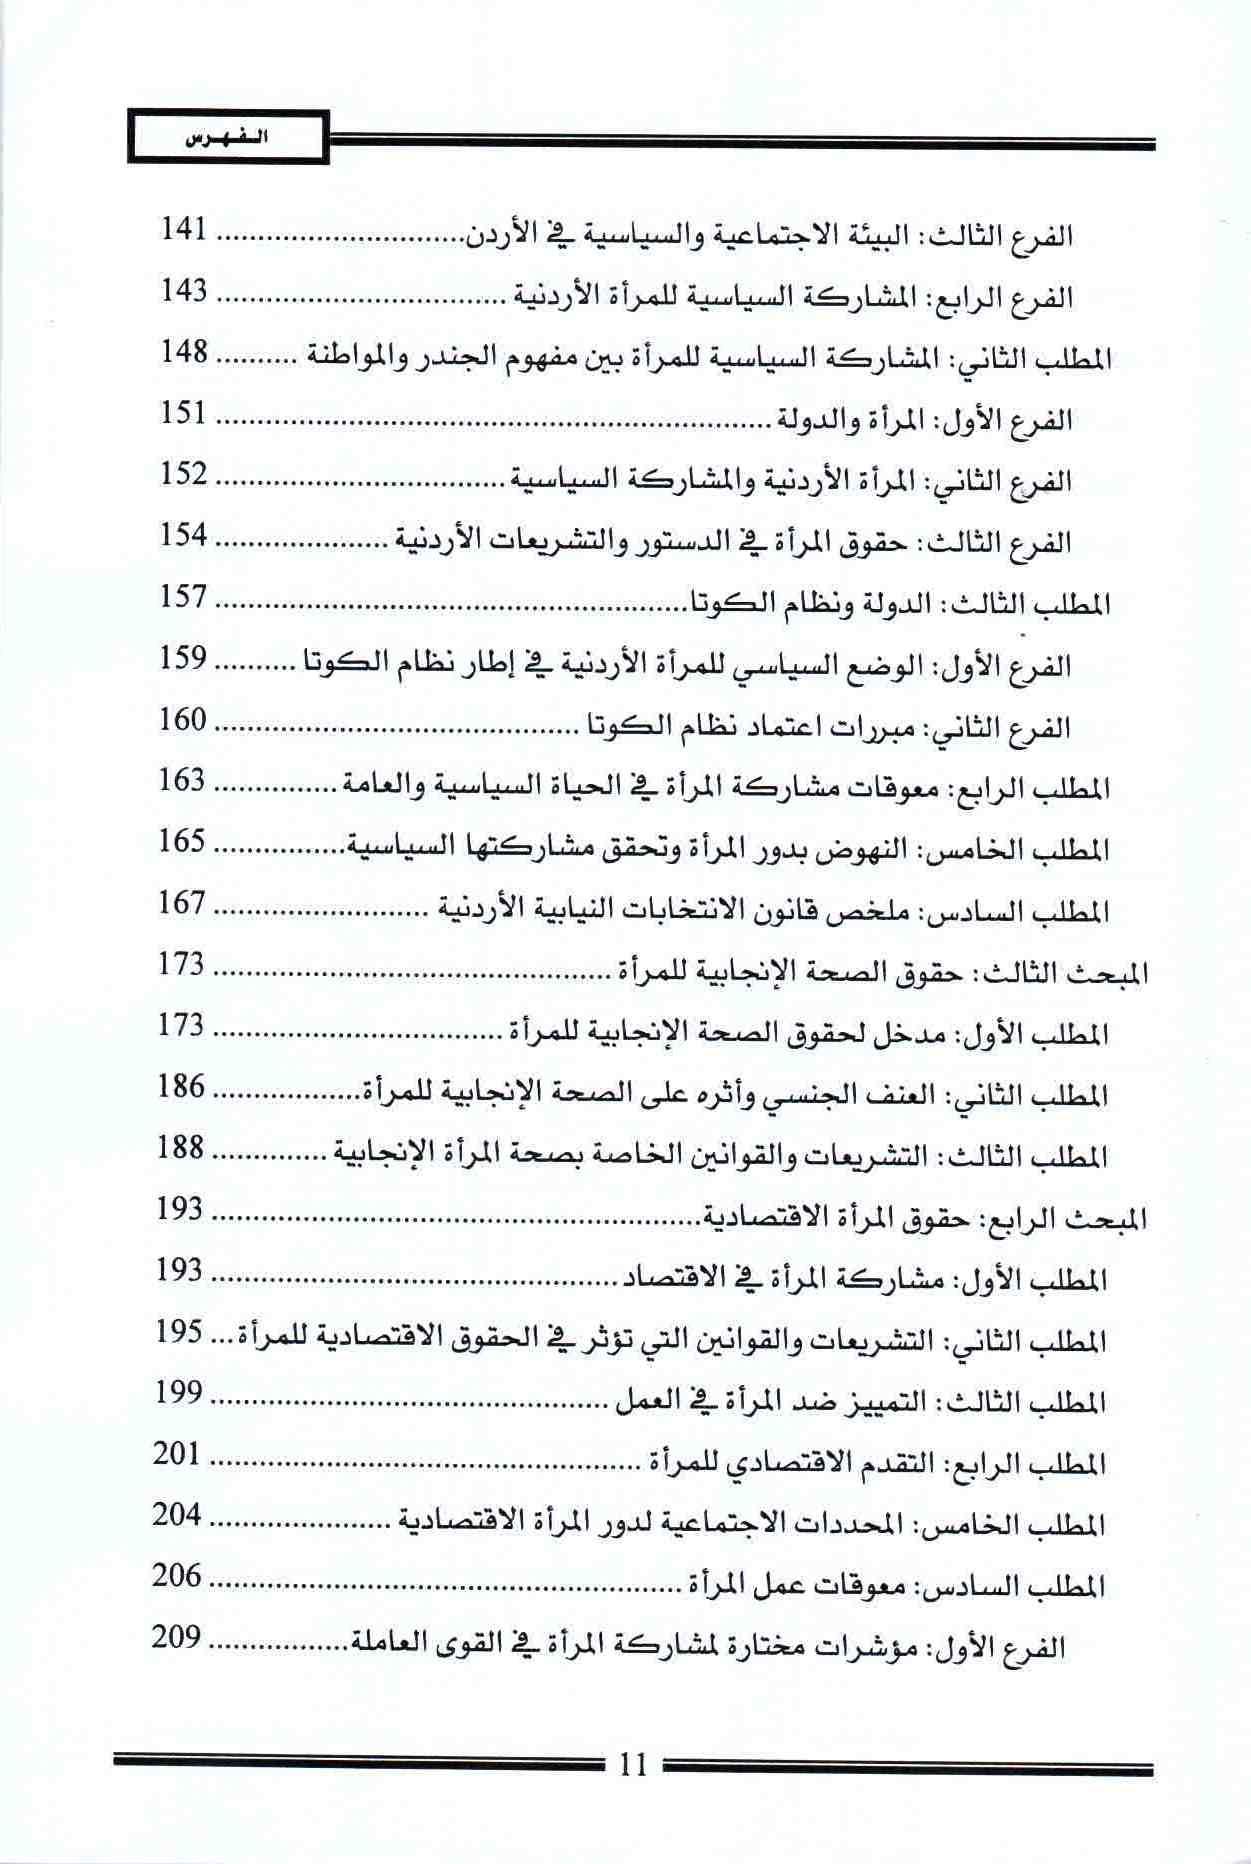 ص 11 محتويات كتاب حقوق المرأة